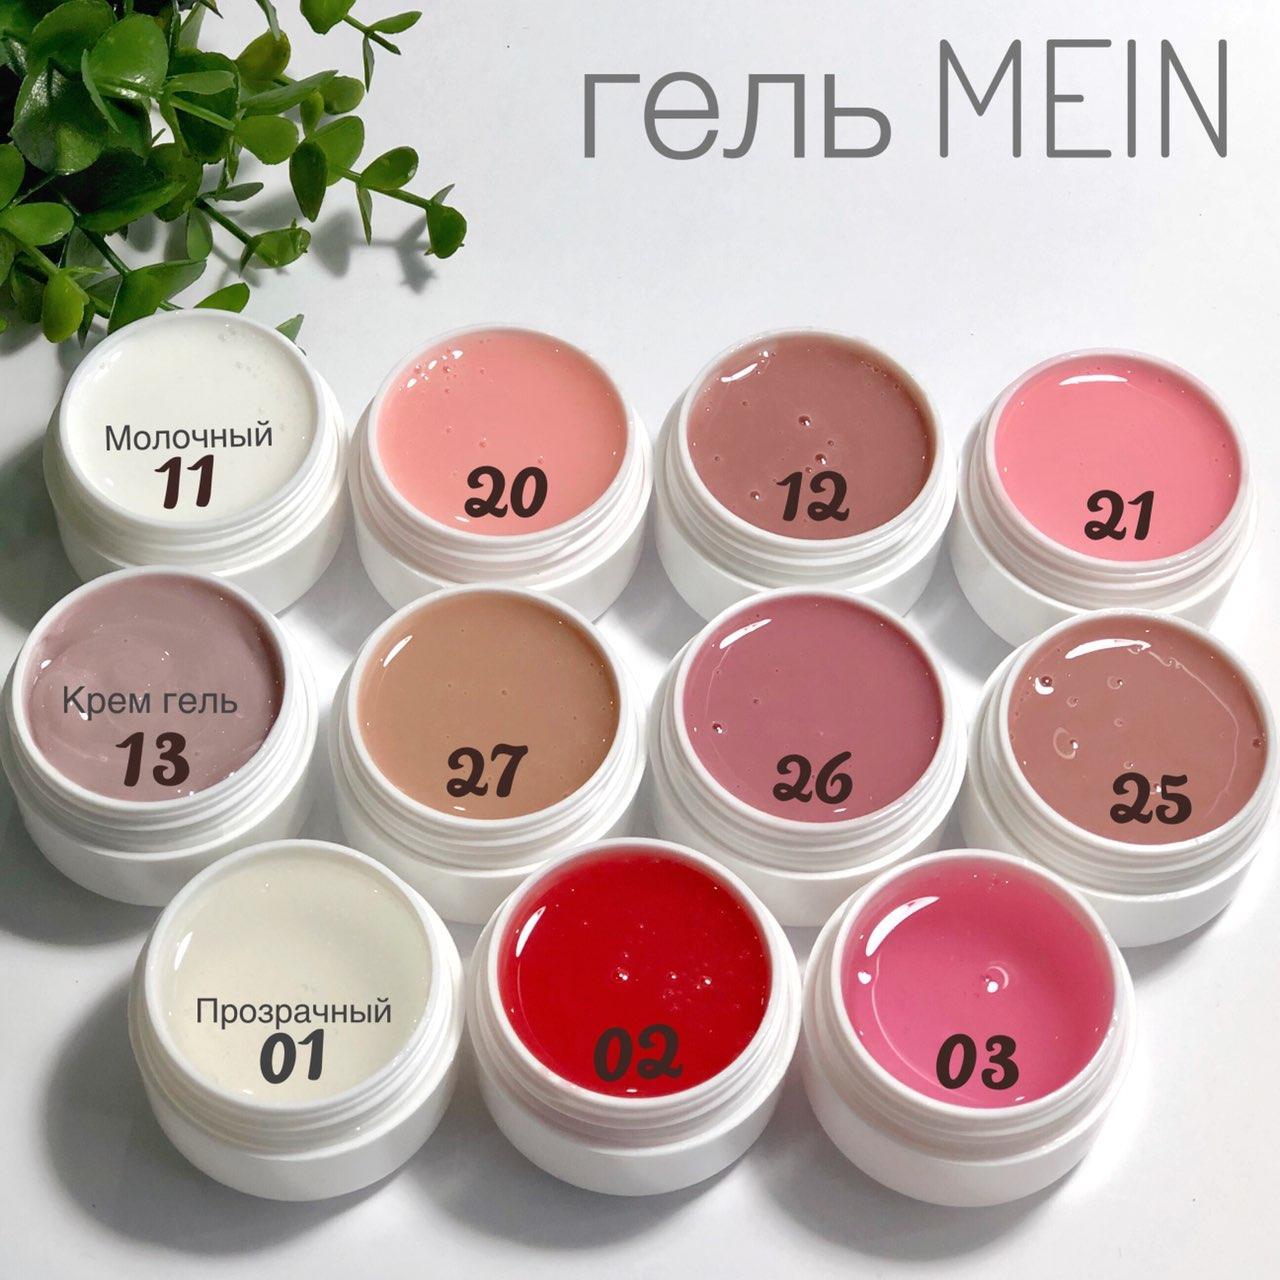 Гель для ногтей Натурально Розовый MEIN № 25, 1кг